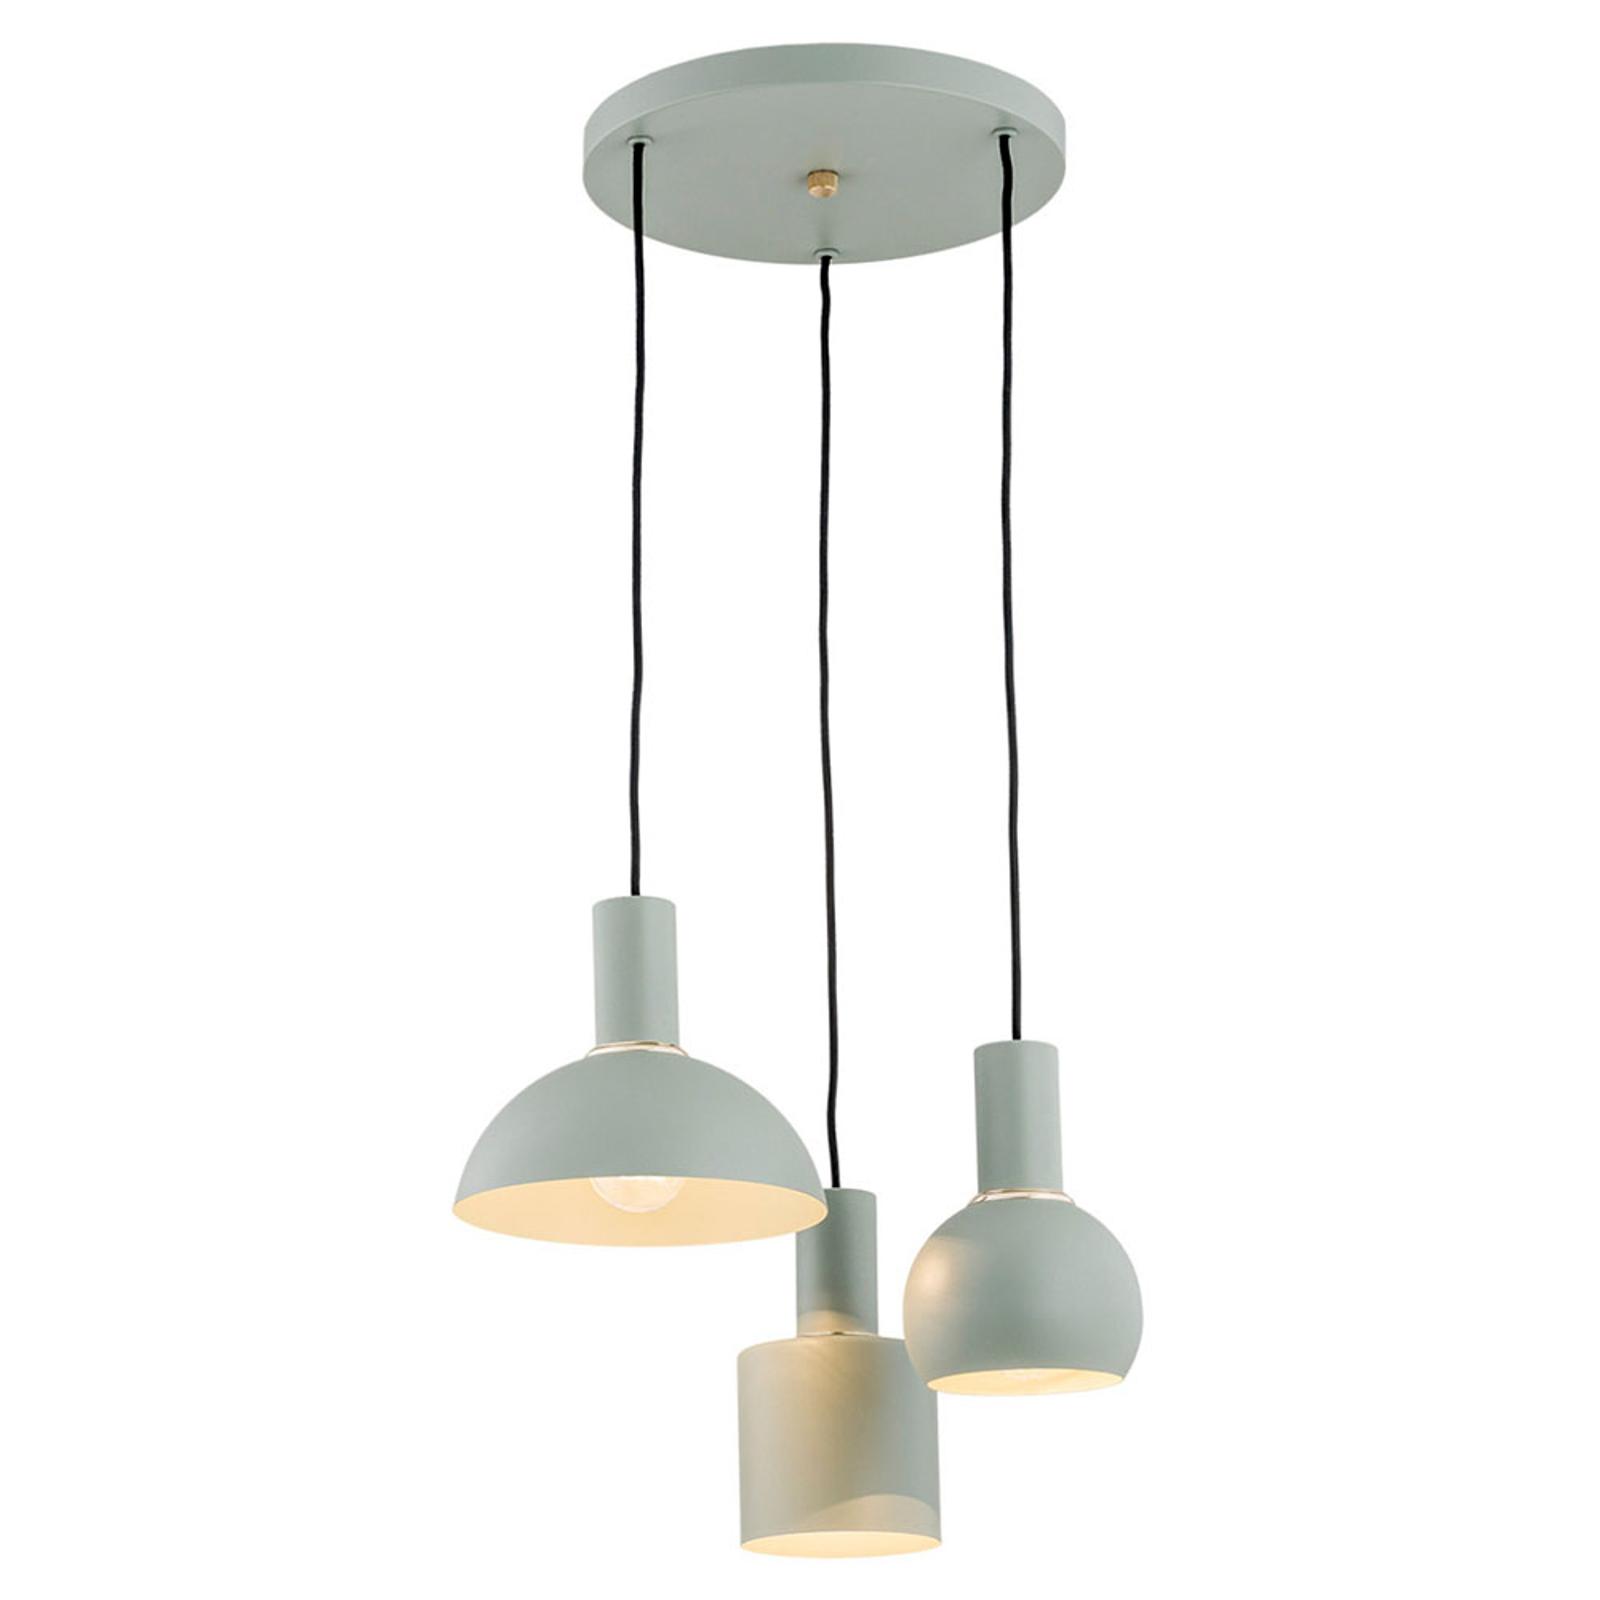 Suspension Selma, à 3 lampes, verte